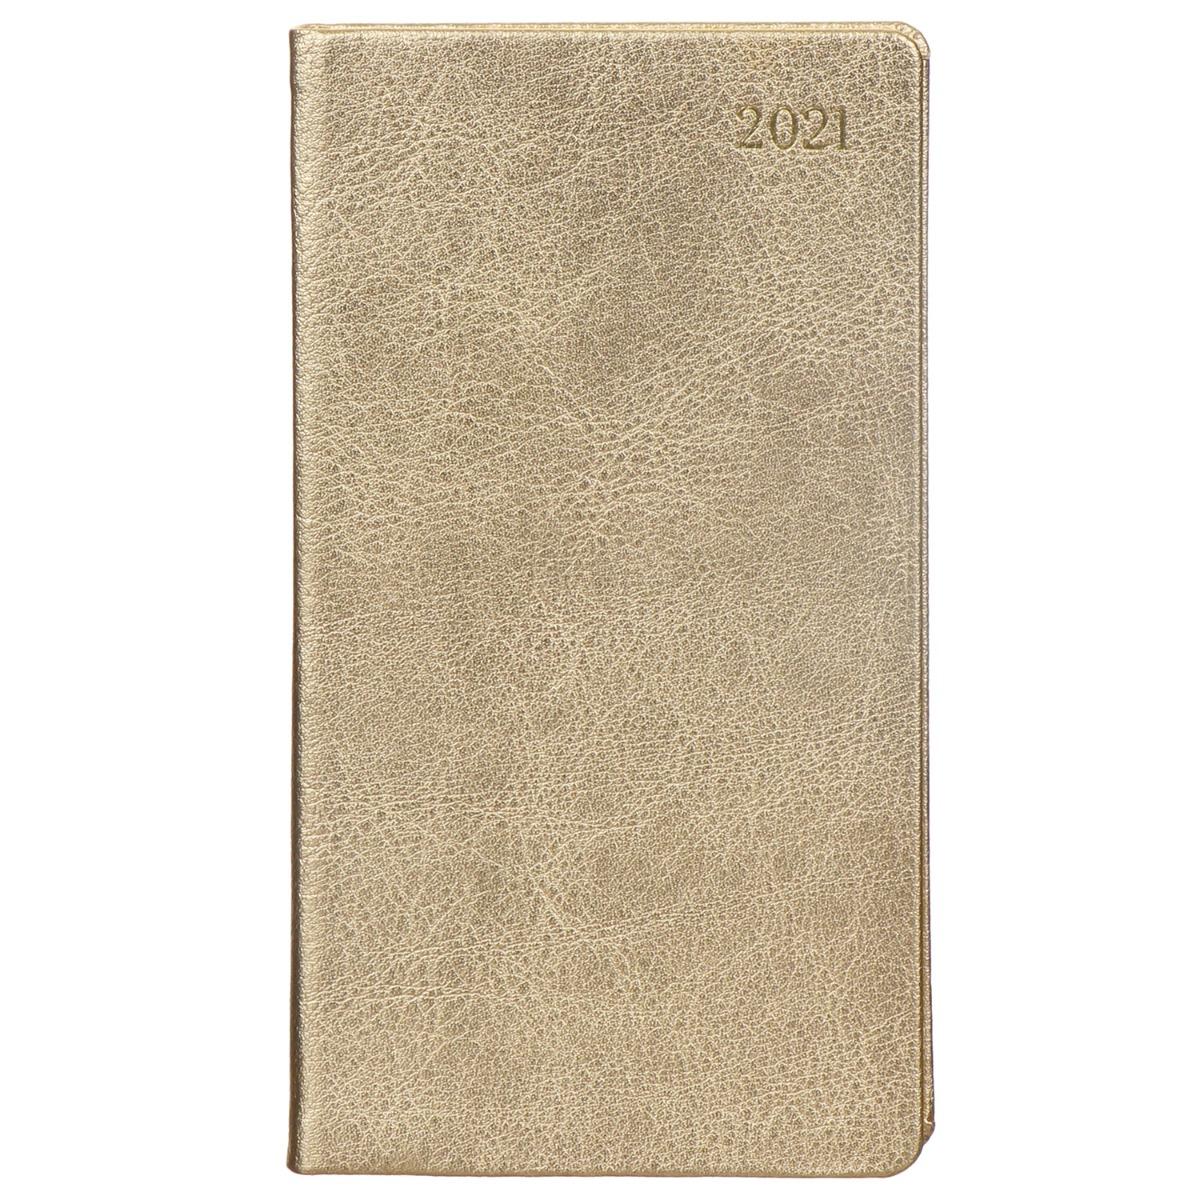 Caspari Gold Leather 2021 Slim Diary